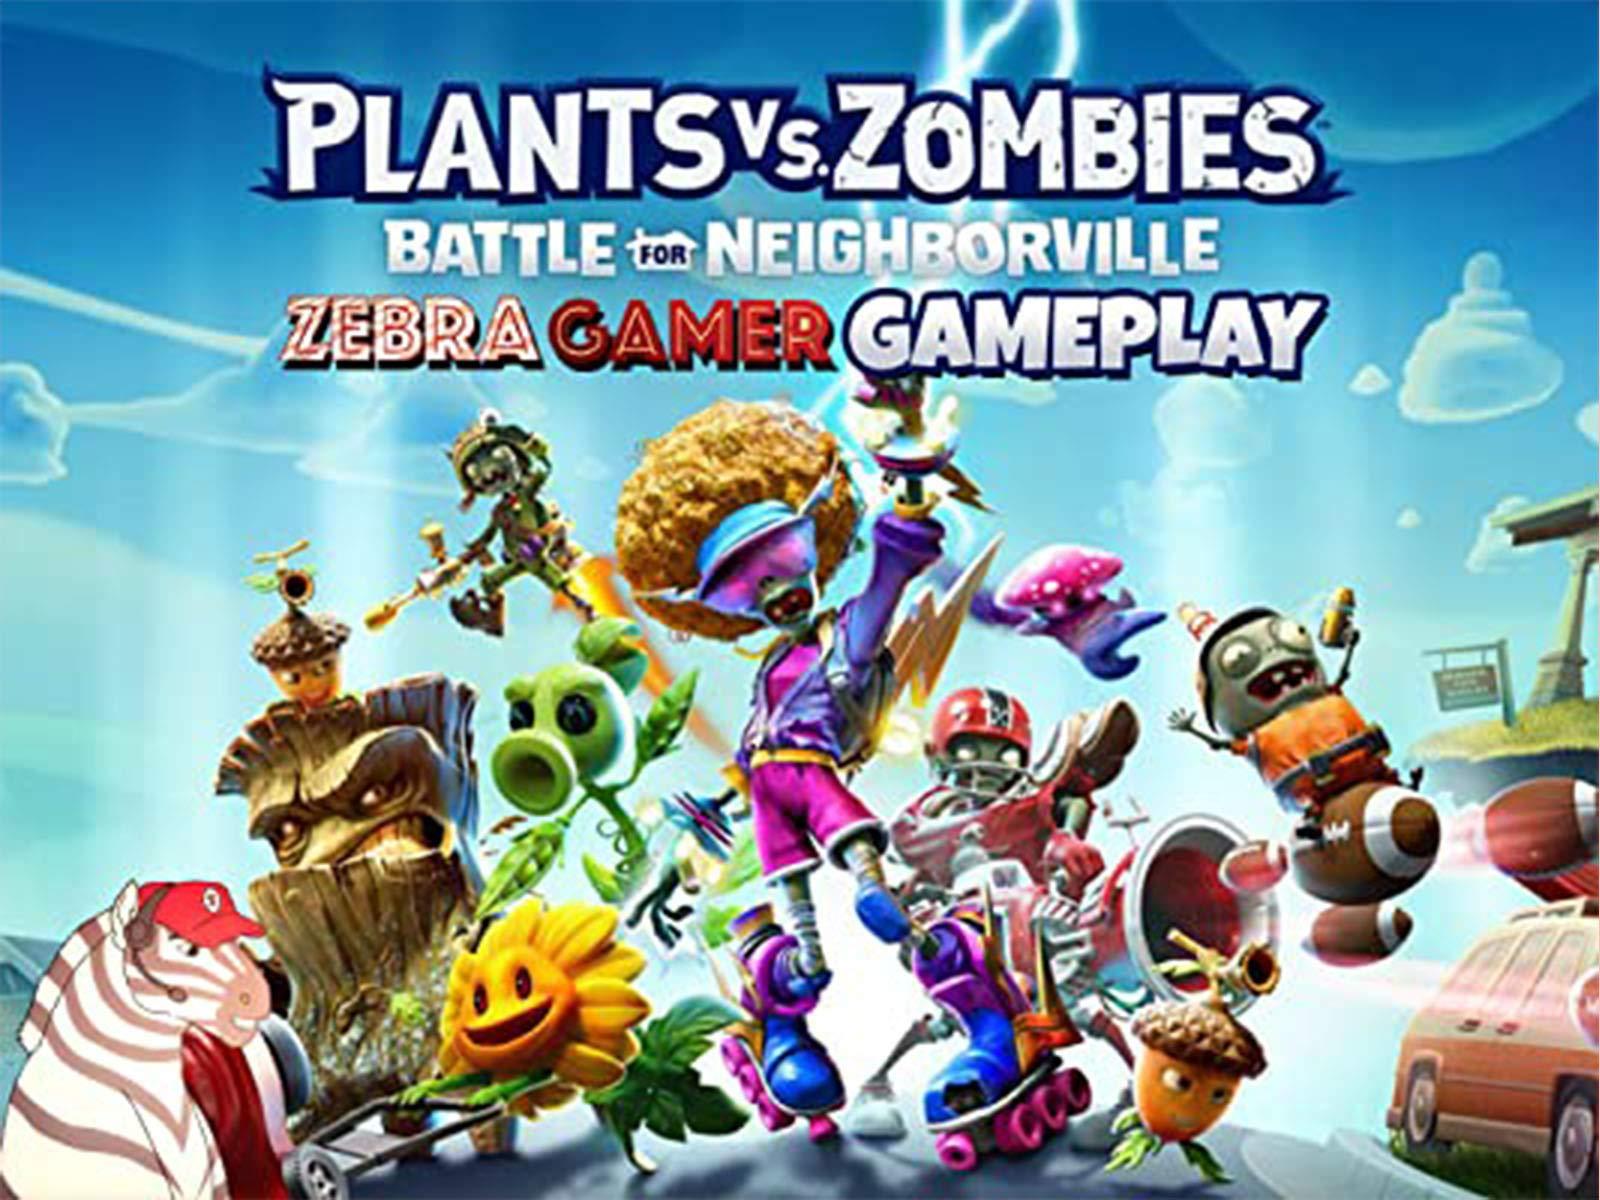 Clip: Plants vs. Zombies Battle for Neighborville Gameplay - Zebra Gamer - Season 4